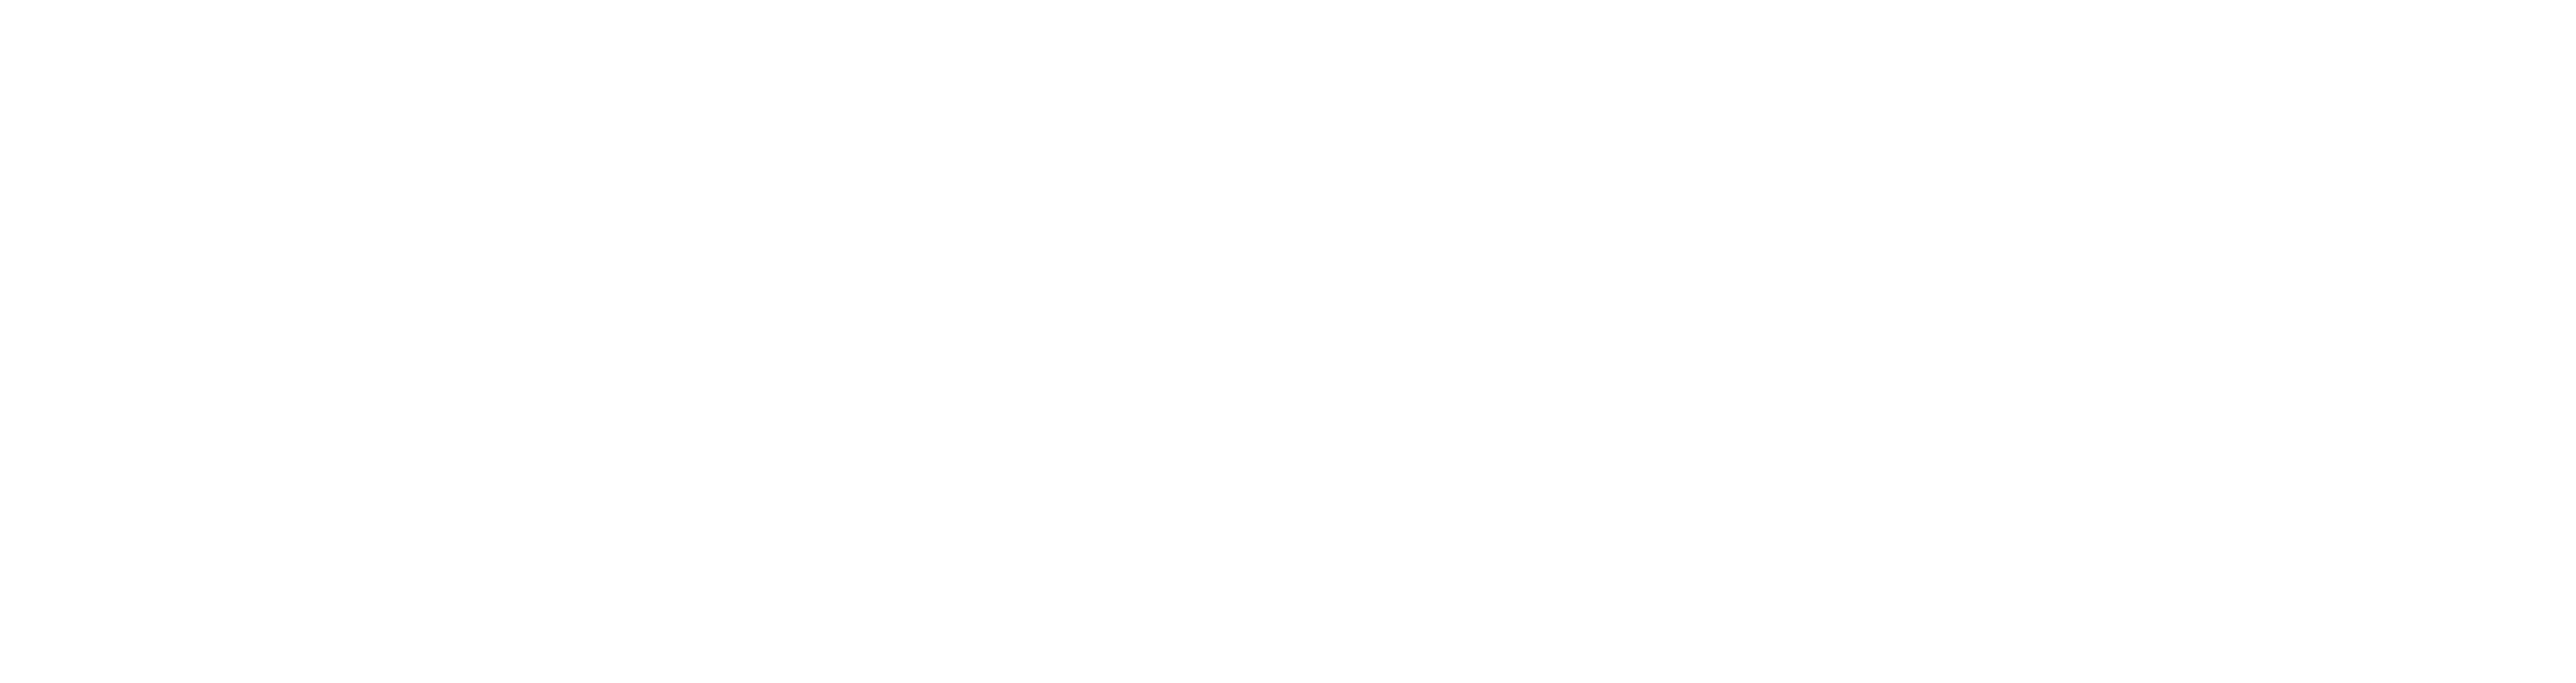 Living Future Europe